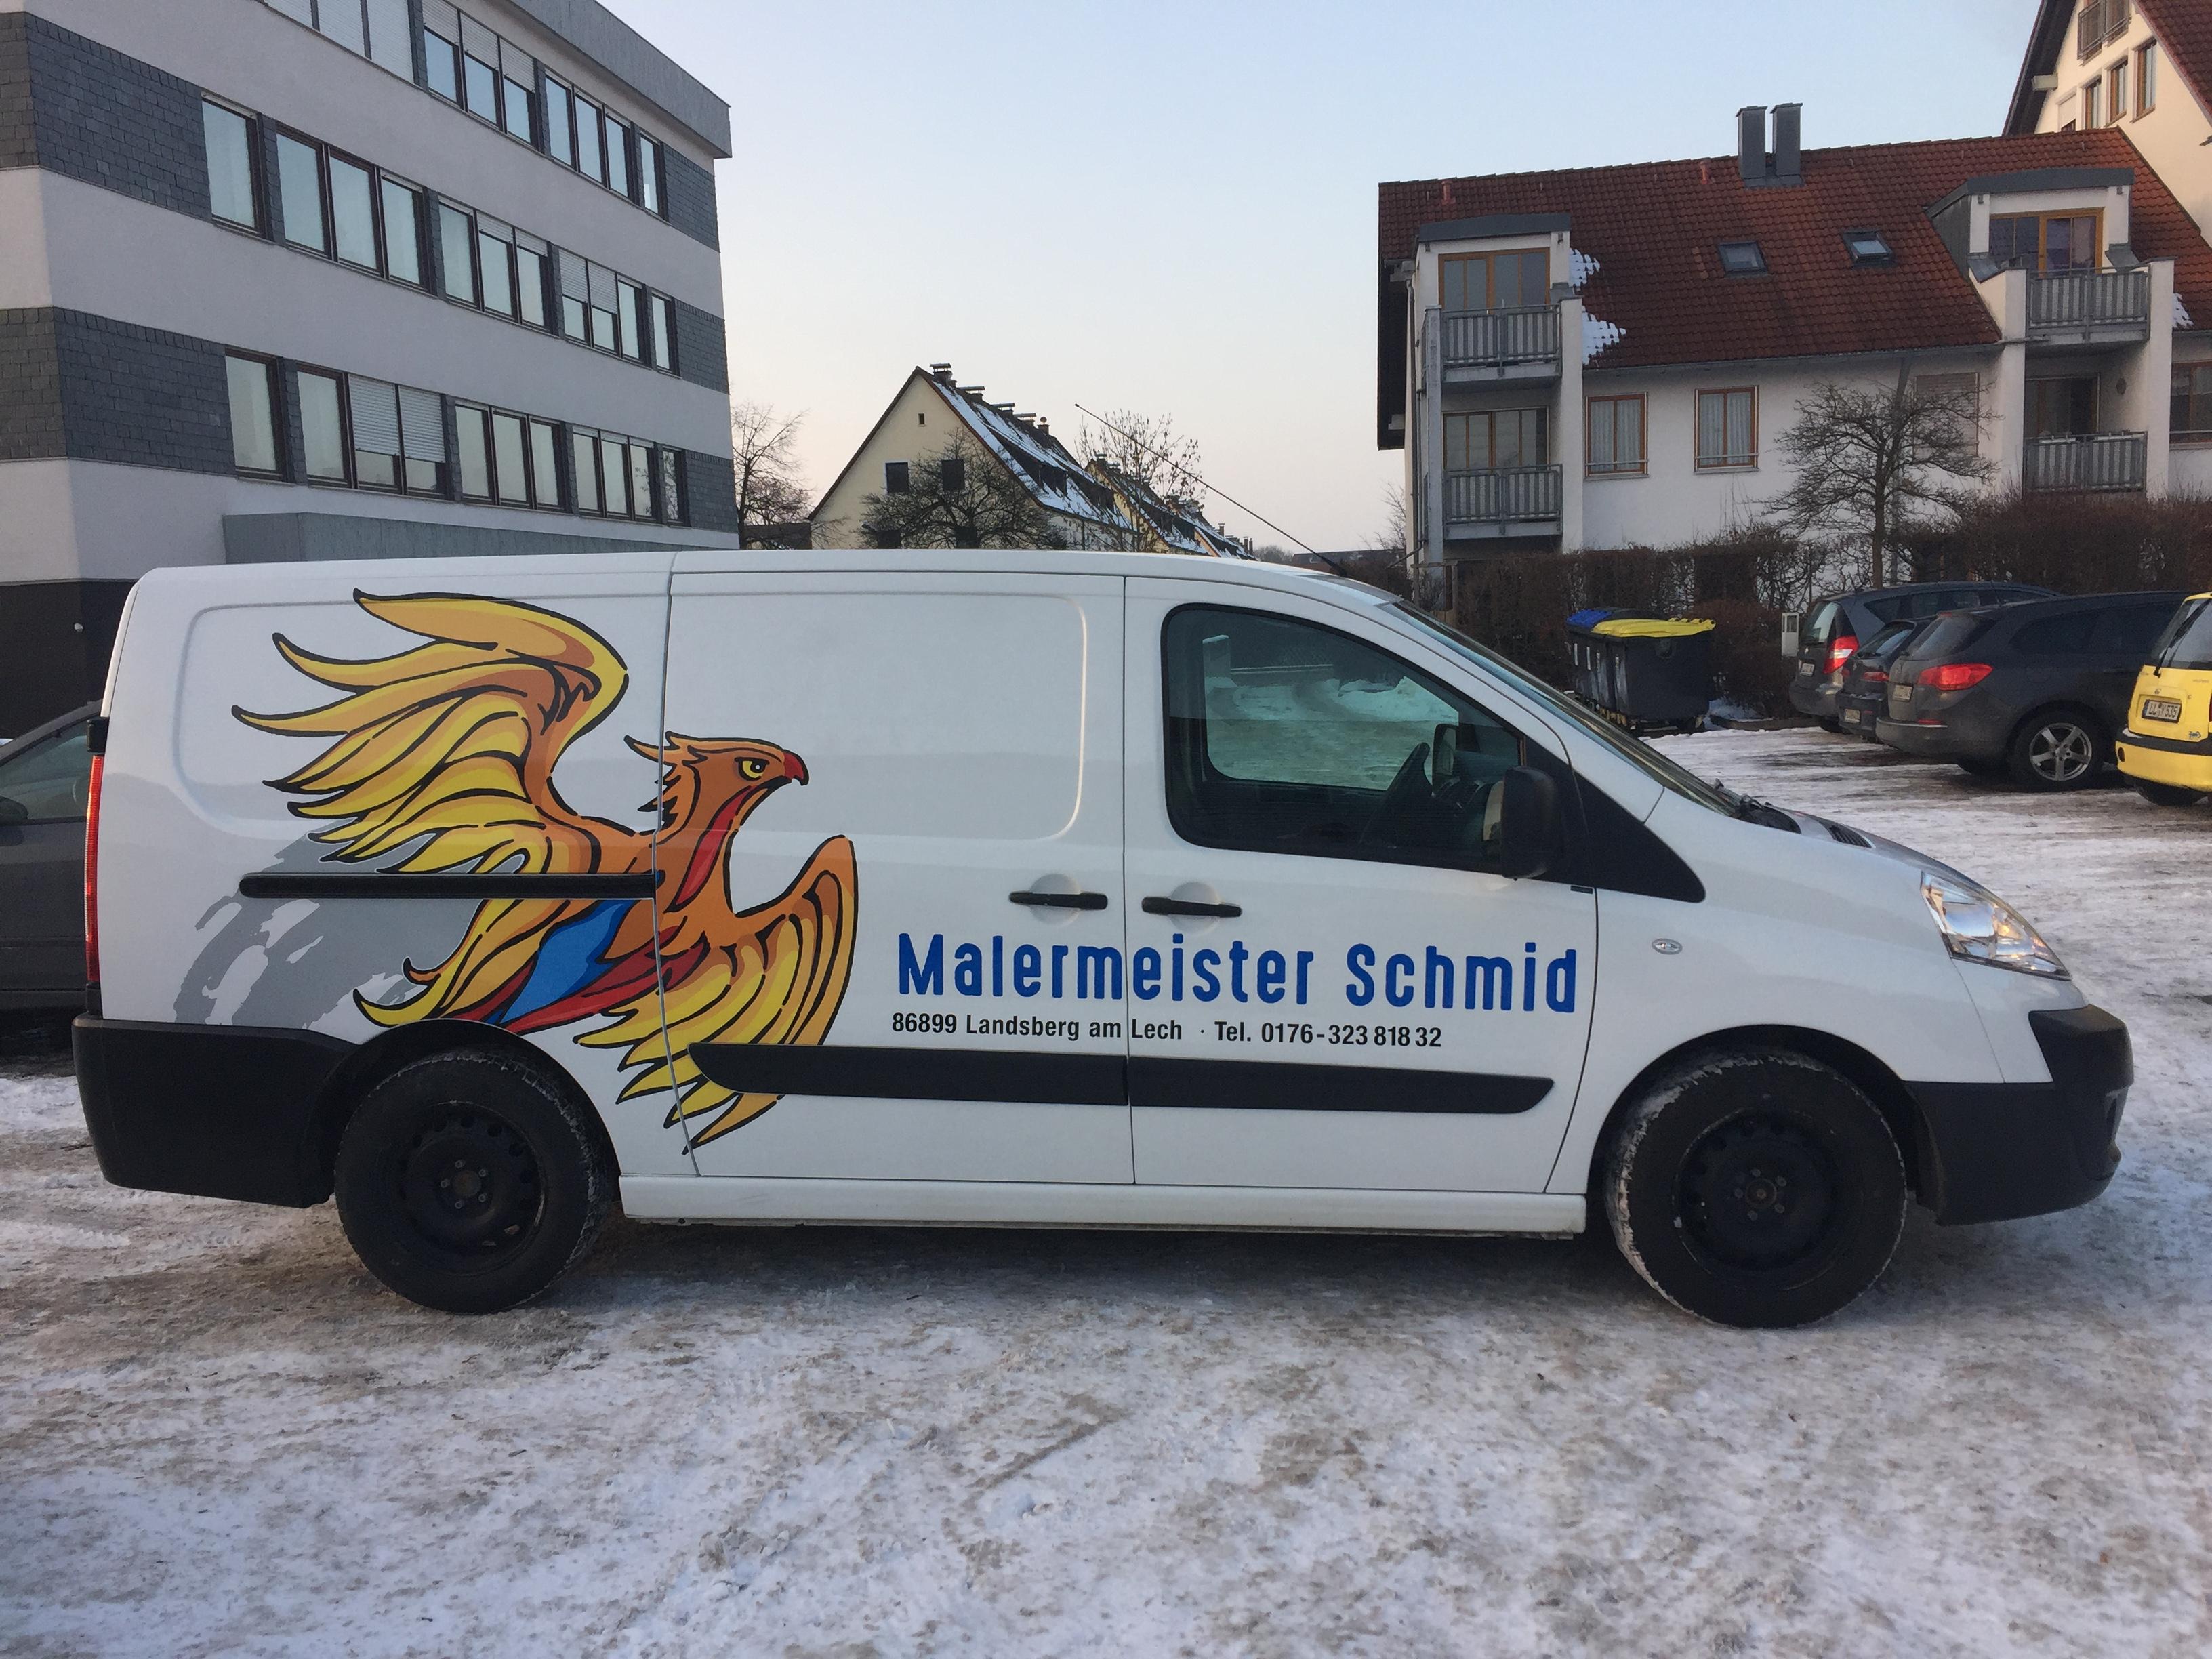 Farben Fink Bad Wörishofen.Fink Farben Gmbh Farben Und Lacke Kleinhandel In Bad